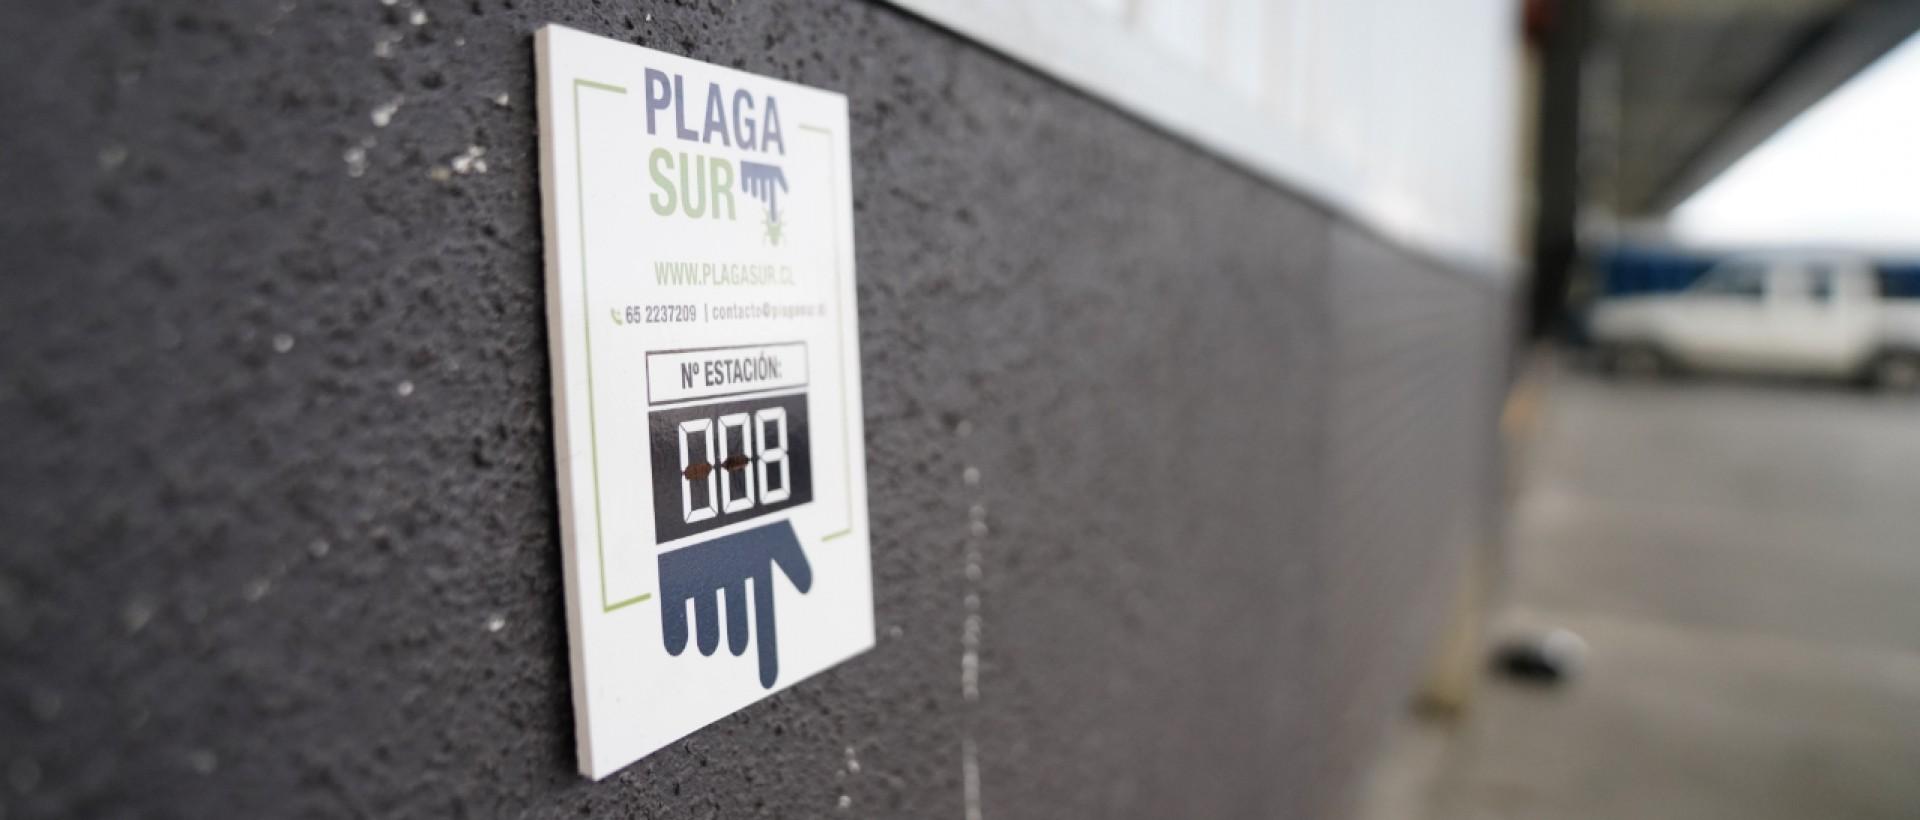 PLAGASUR® | Porque es tu casa y NO la de ellos! | Sanitización · Desratización · Desinsectación · Control de palomas y murciélagos · Valdivia - Puerto Montt - Puerto Varas - Osorno - Castro | Desratización